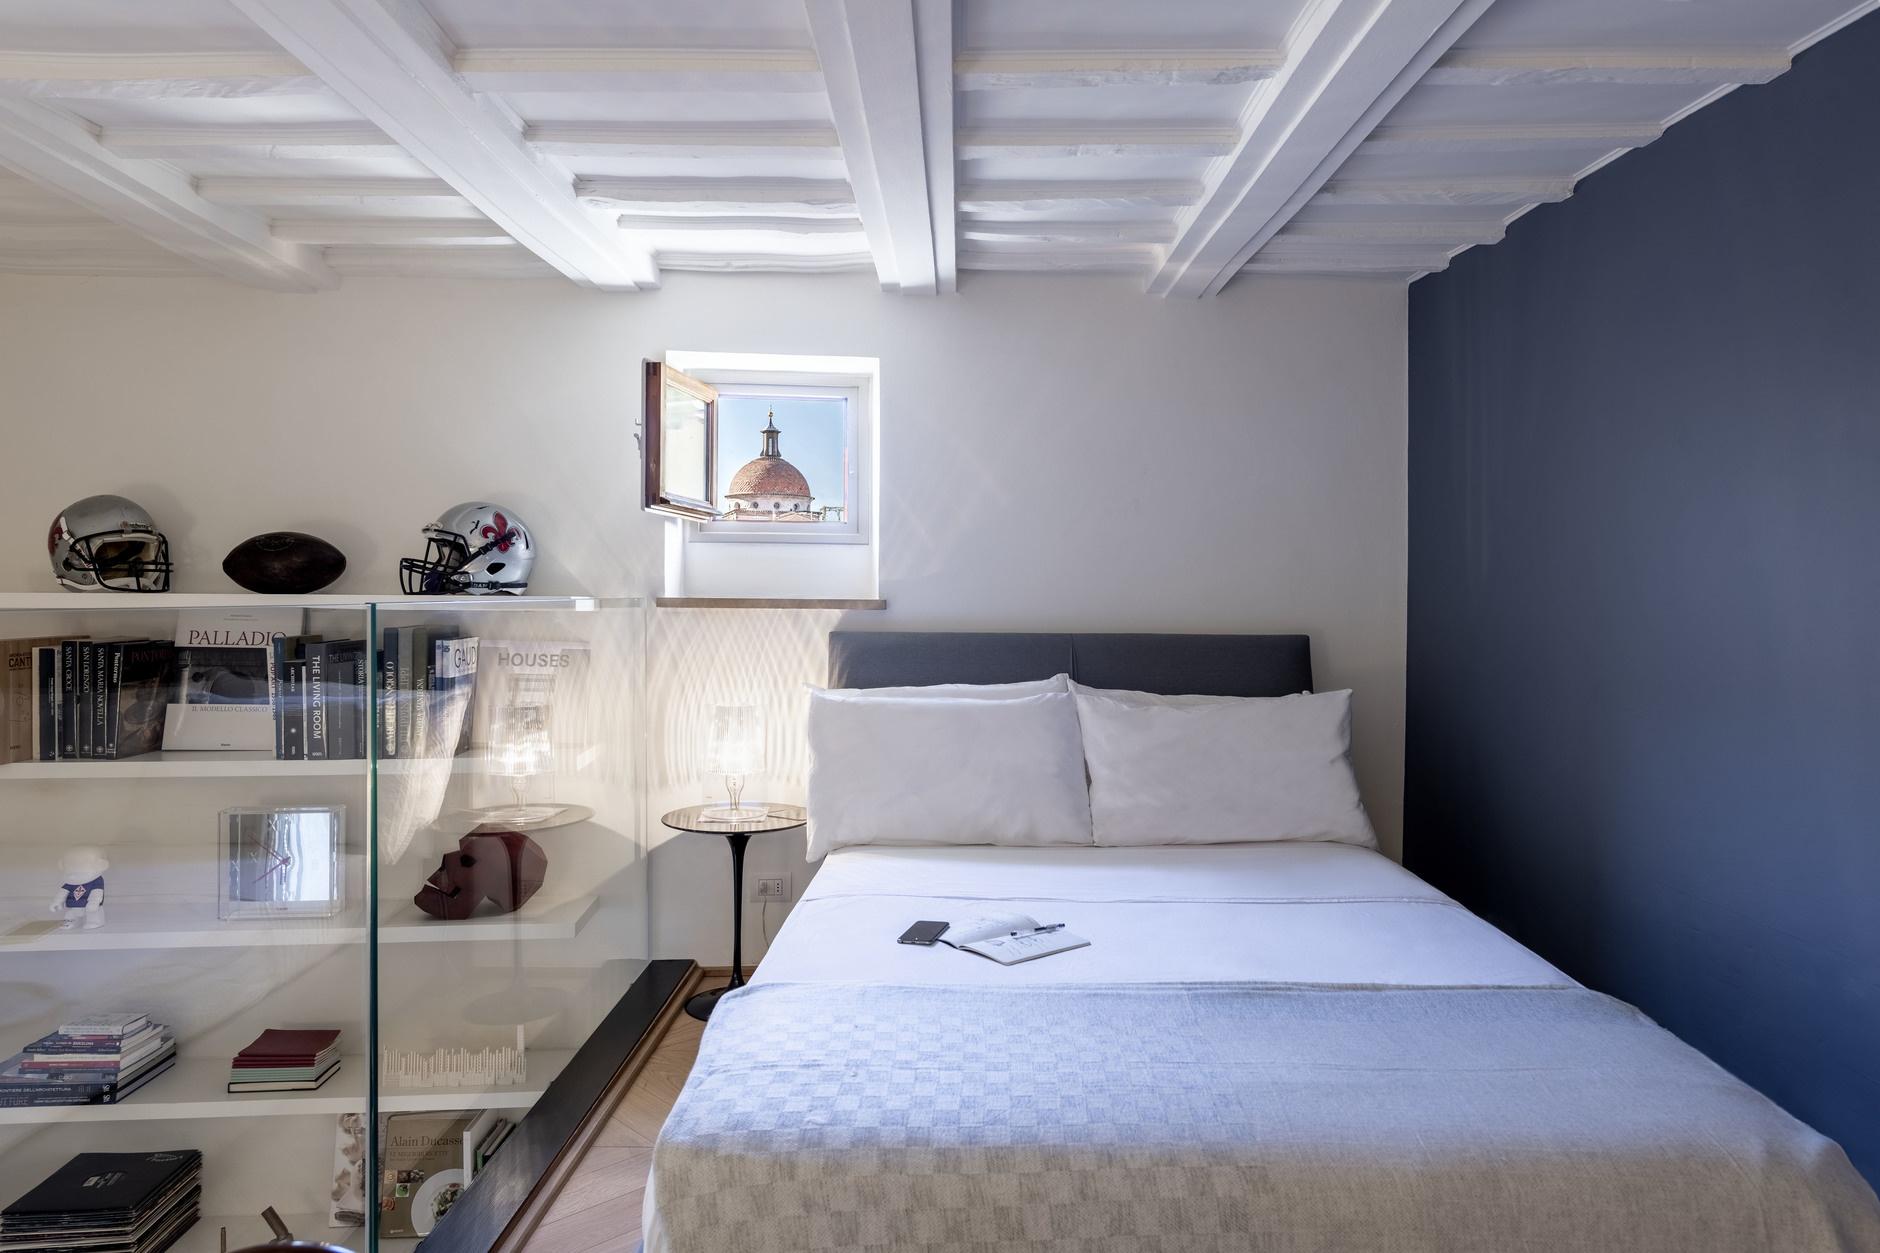 Спальня в стиле лофт: кровати на антресоли (галерея 0, фото 0)